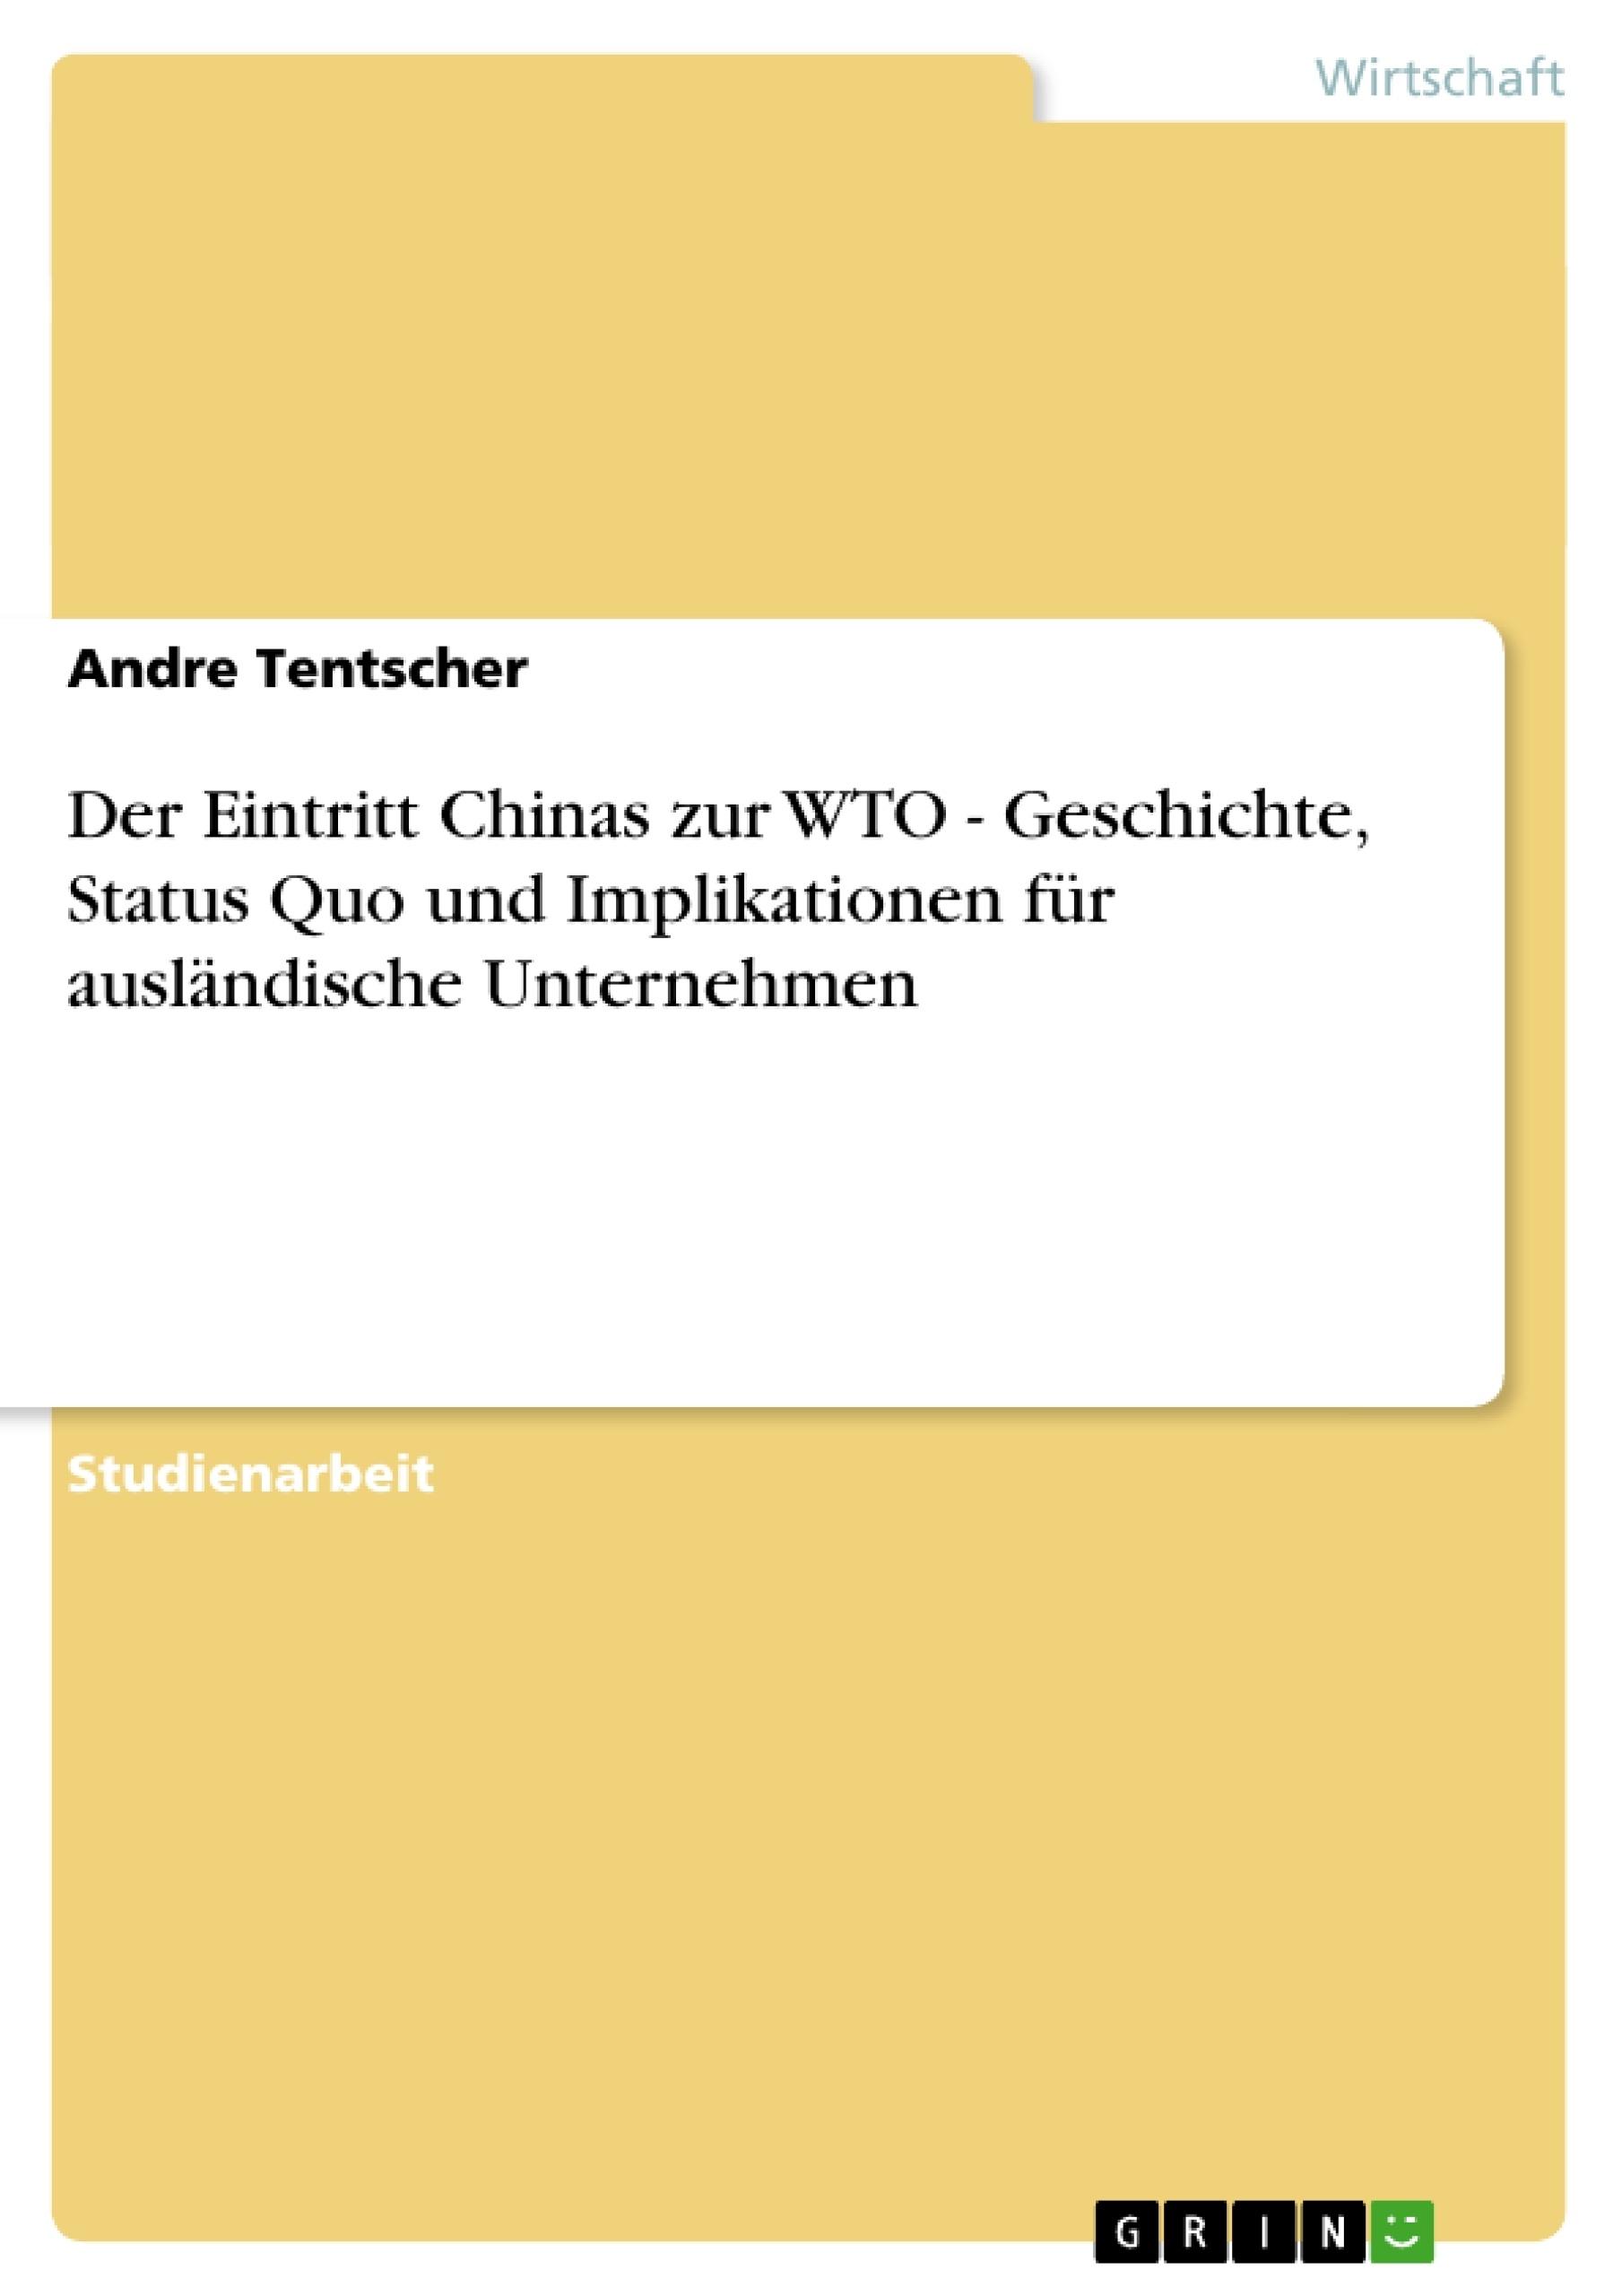 Titel: Der Eintritt Chinas zur WTO - Geschichte, Status Quo und Implikationen für ausländische Unternehmen